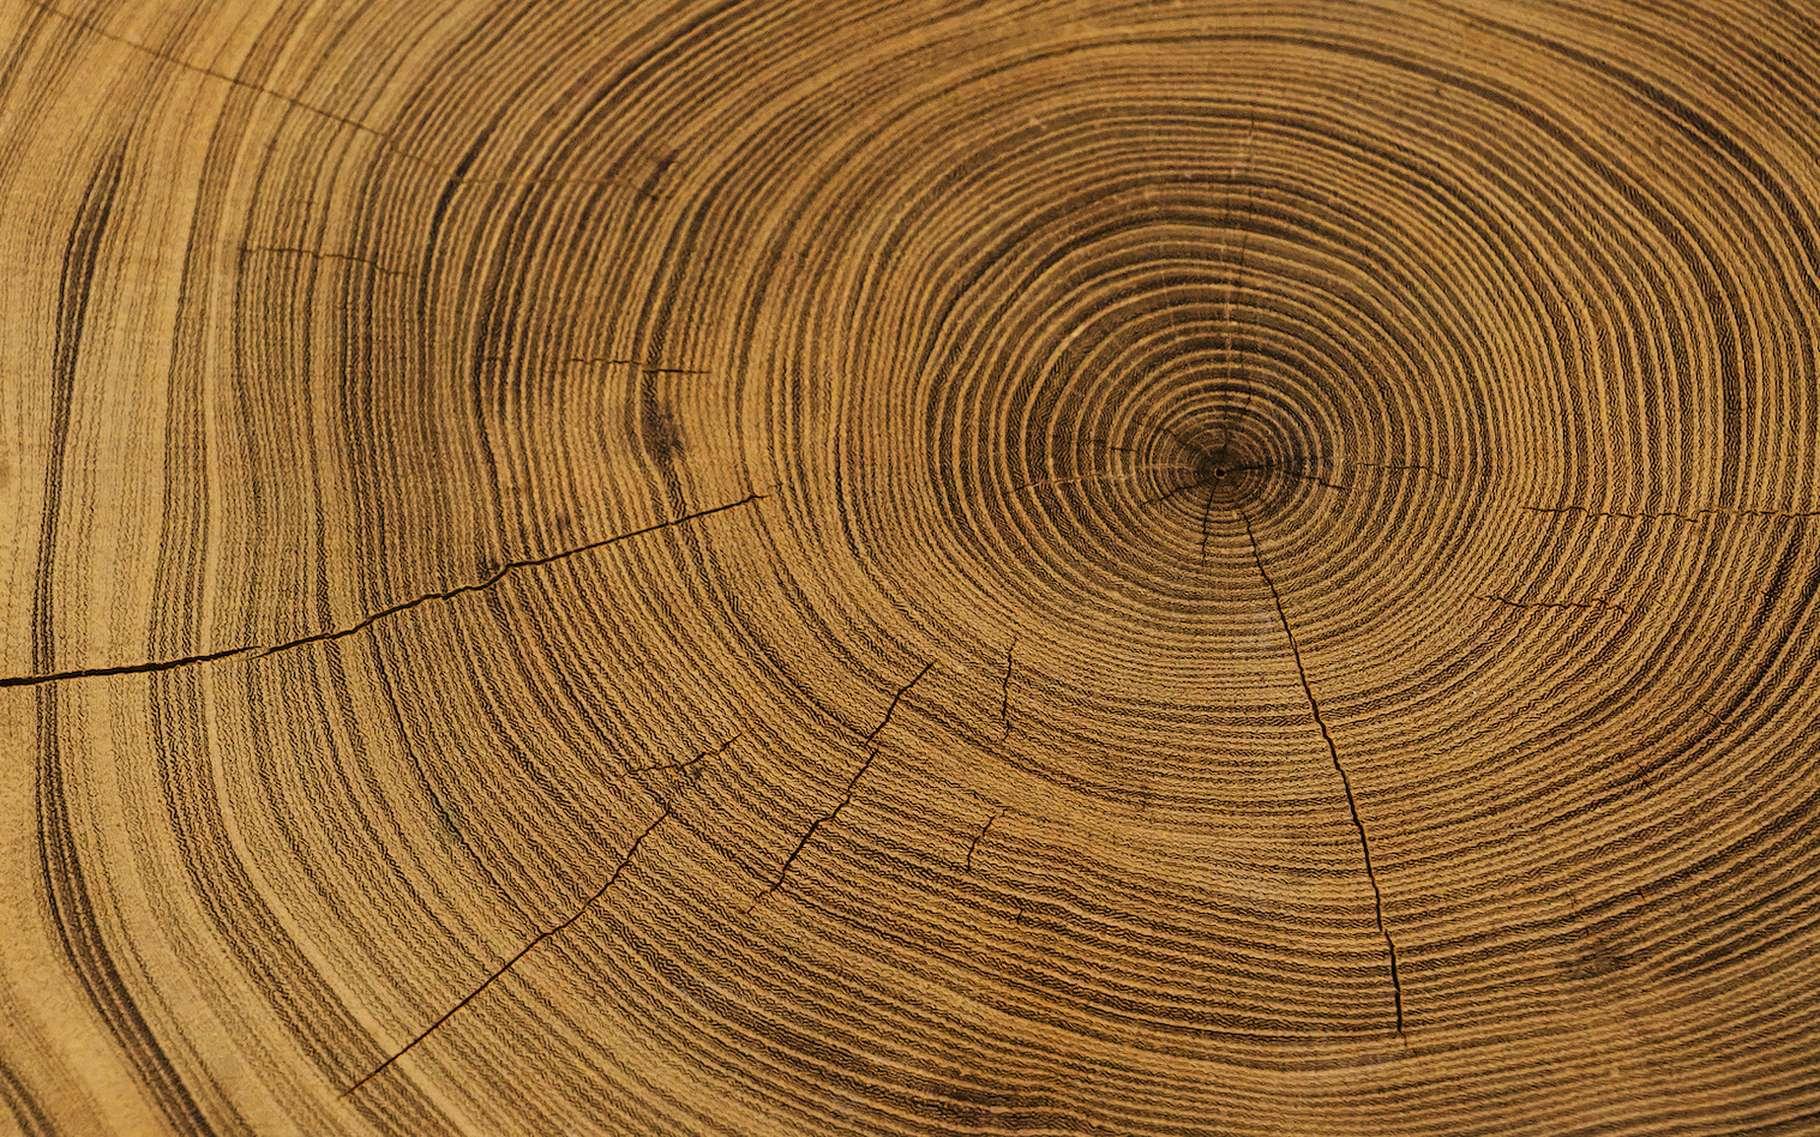 Des chercheurs de l'université du Colorado (États-Unis) ont cherché, dans les cernes des arbres, des traces d'explosion d'étoiles en supernovae survenues par le passé. © CaptureAndCompose, Adobe Stock